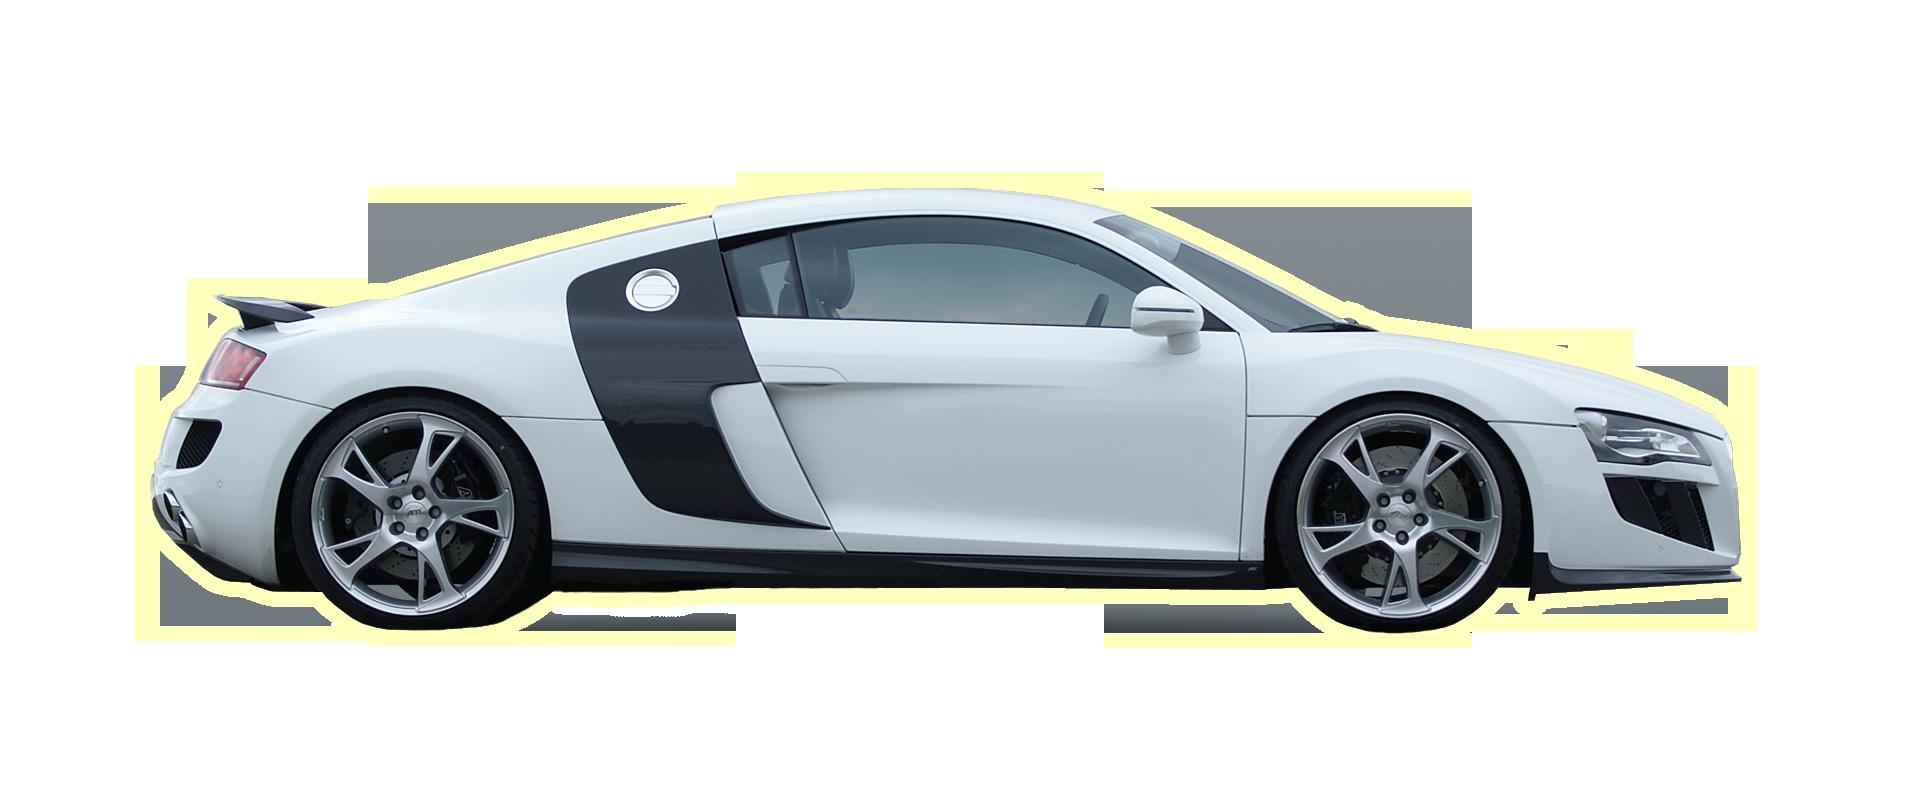 Audi car clipart picture transparent Abt Audi R B   Free Images at Clker.com - vector clip art online ... picture transparent